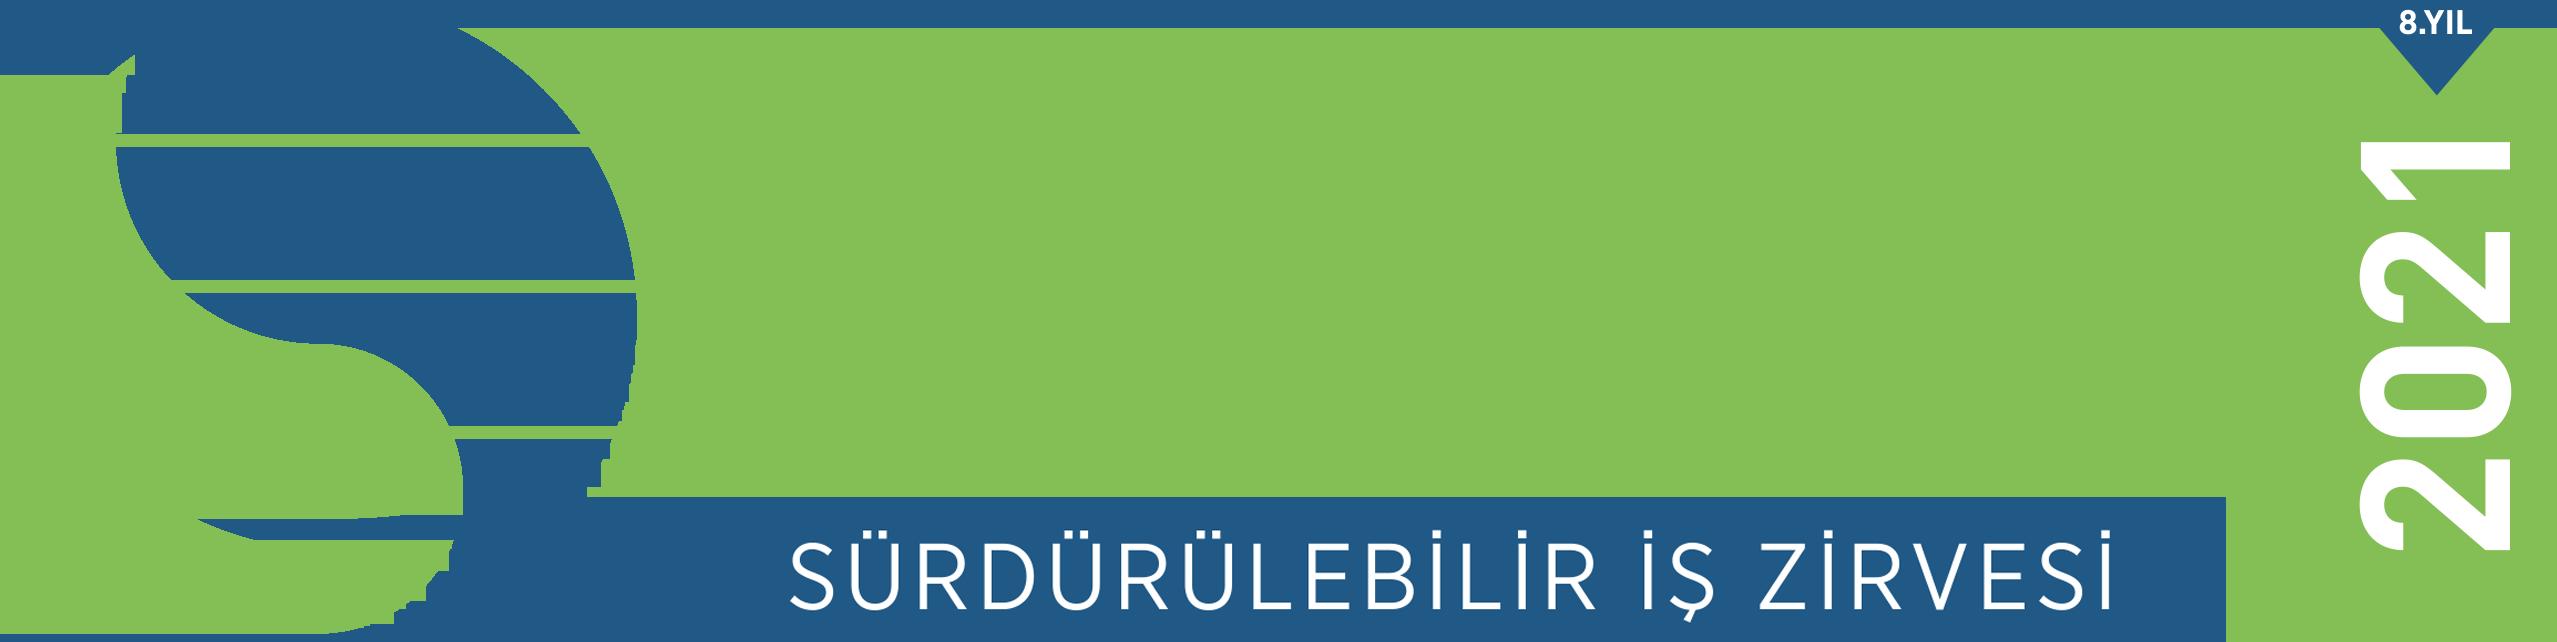 Yeşil İş Sürdürülebilir İş Zirvesi